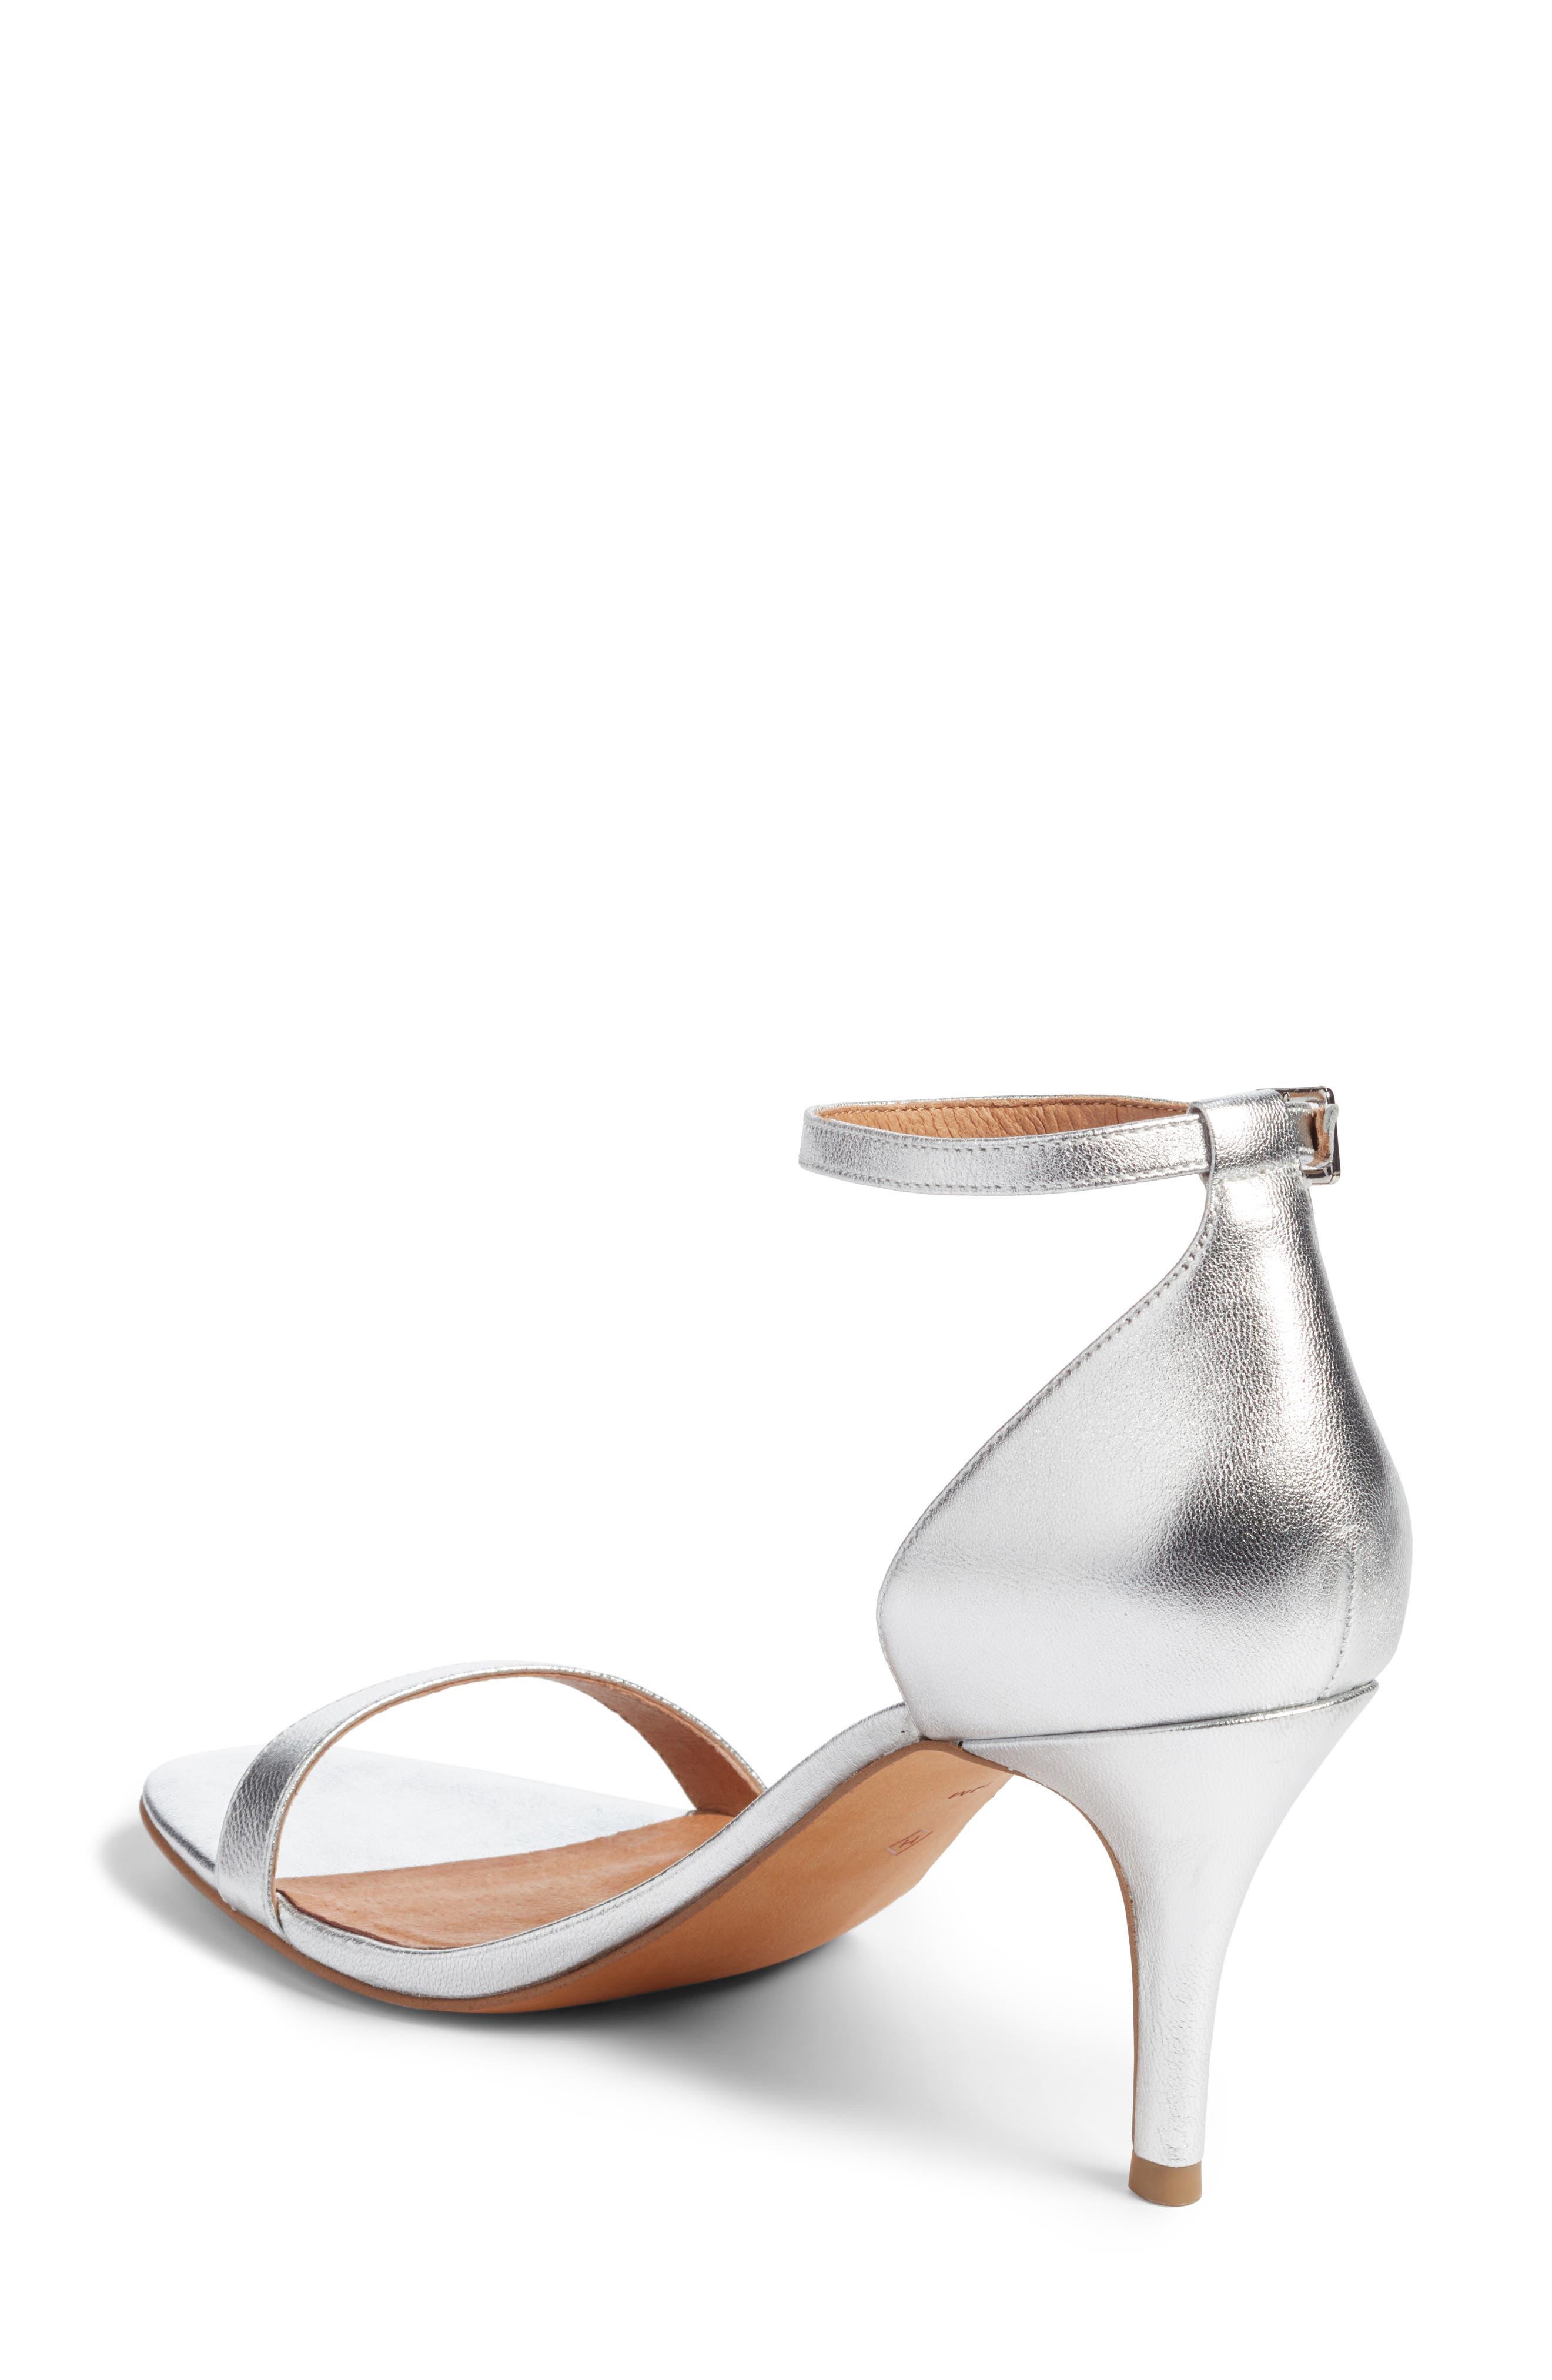 Audrey Ankle Strap Sandal,                             Alternate thumbnail 27, color,